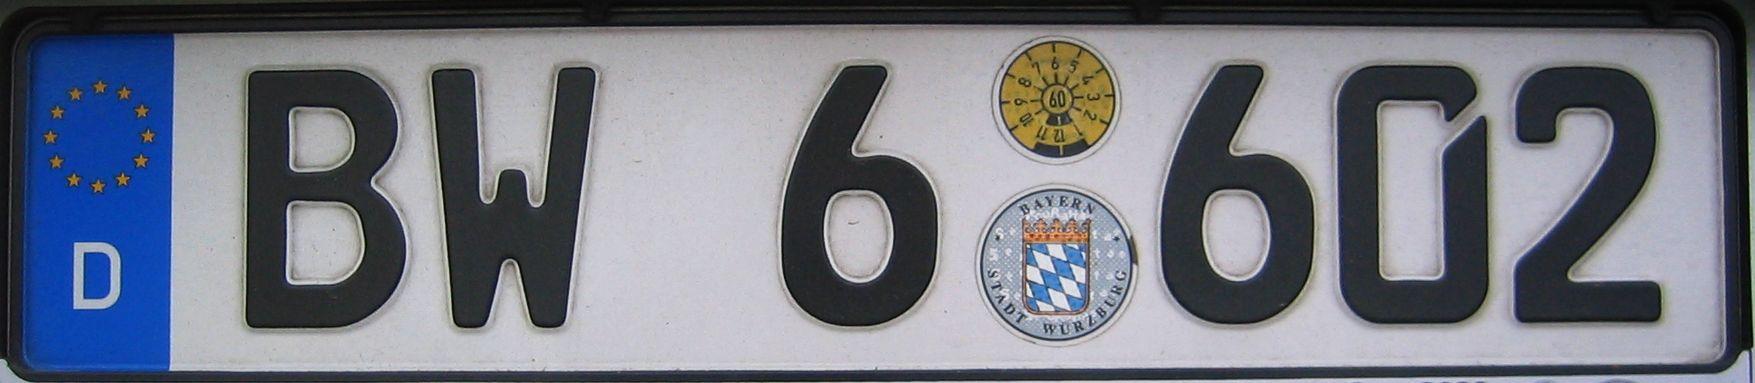 Deutsches Bundes Kennzeichen BW6 602 German car number plates